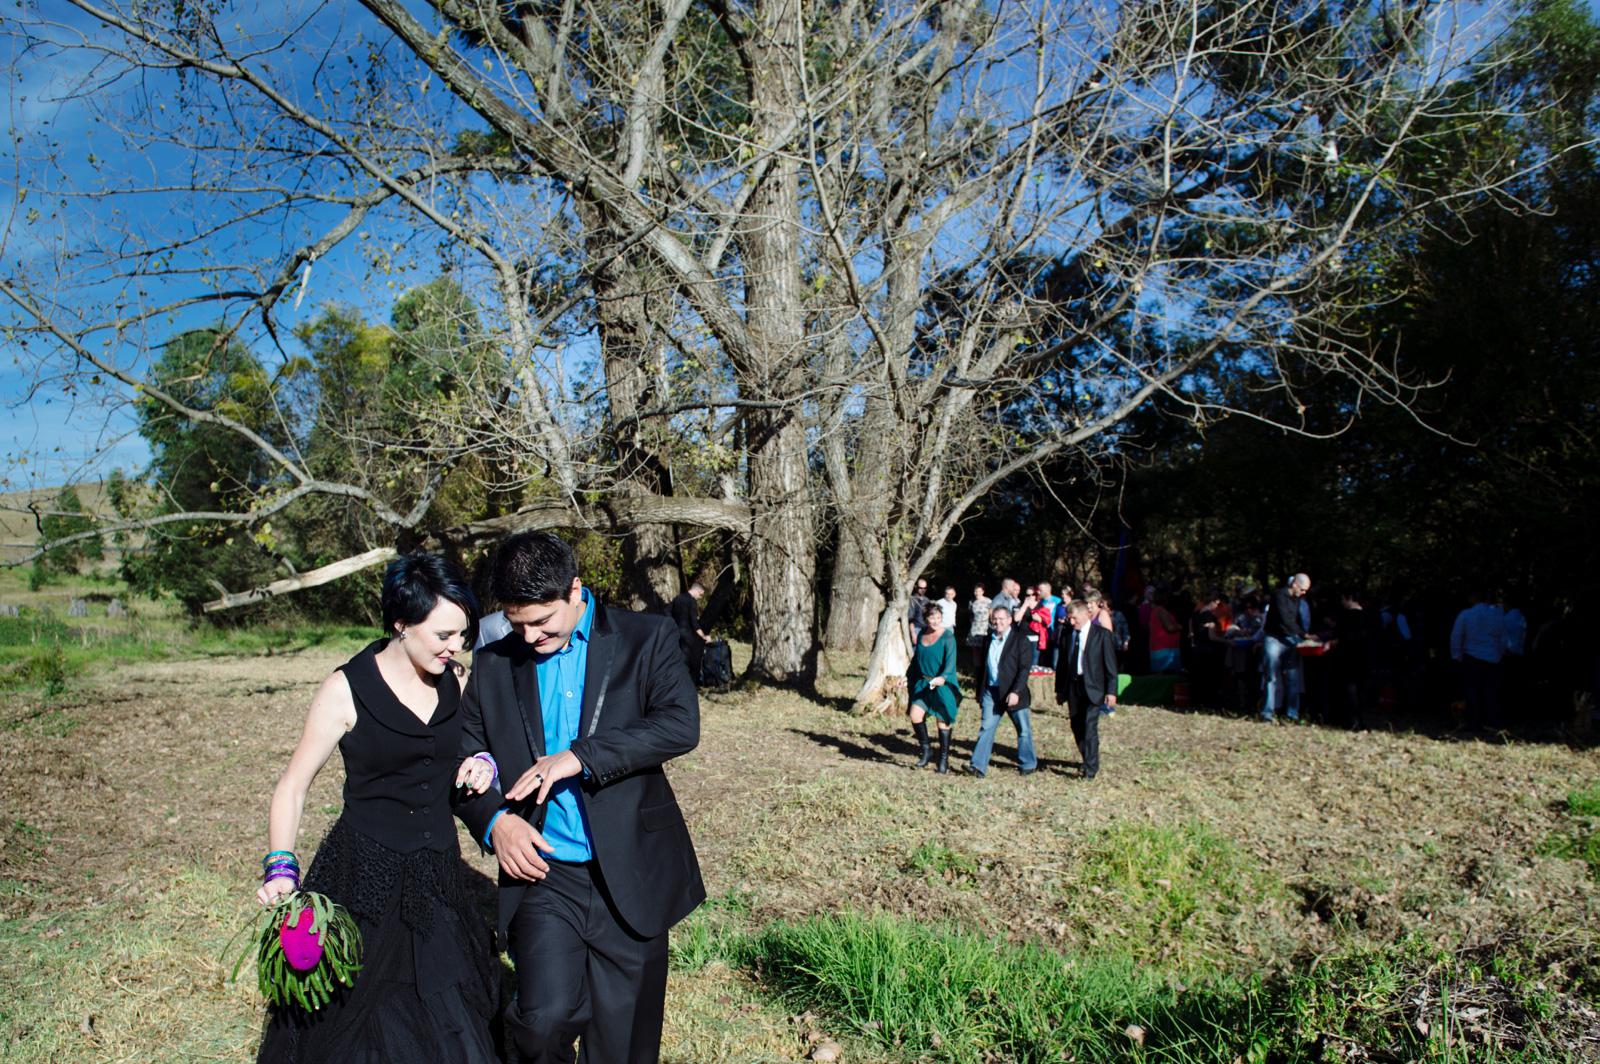 groom and bride in black dress